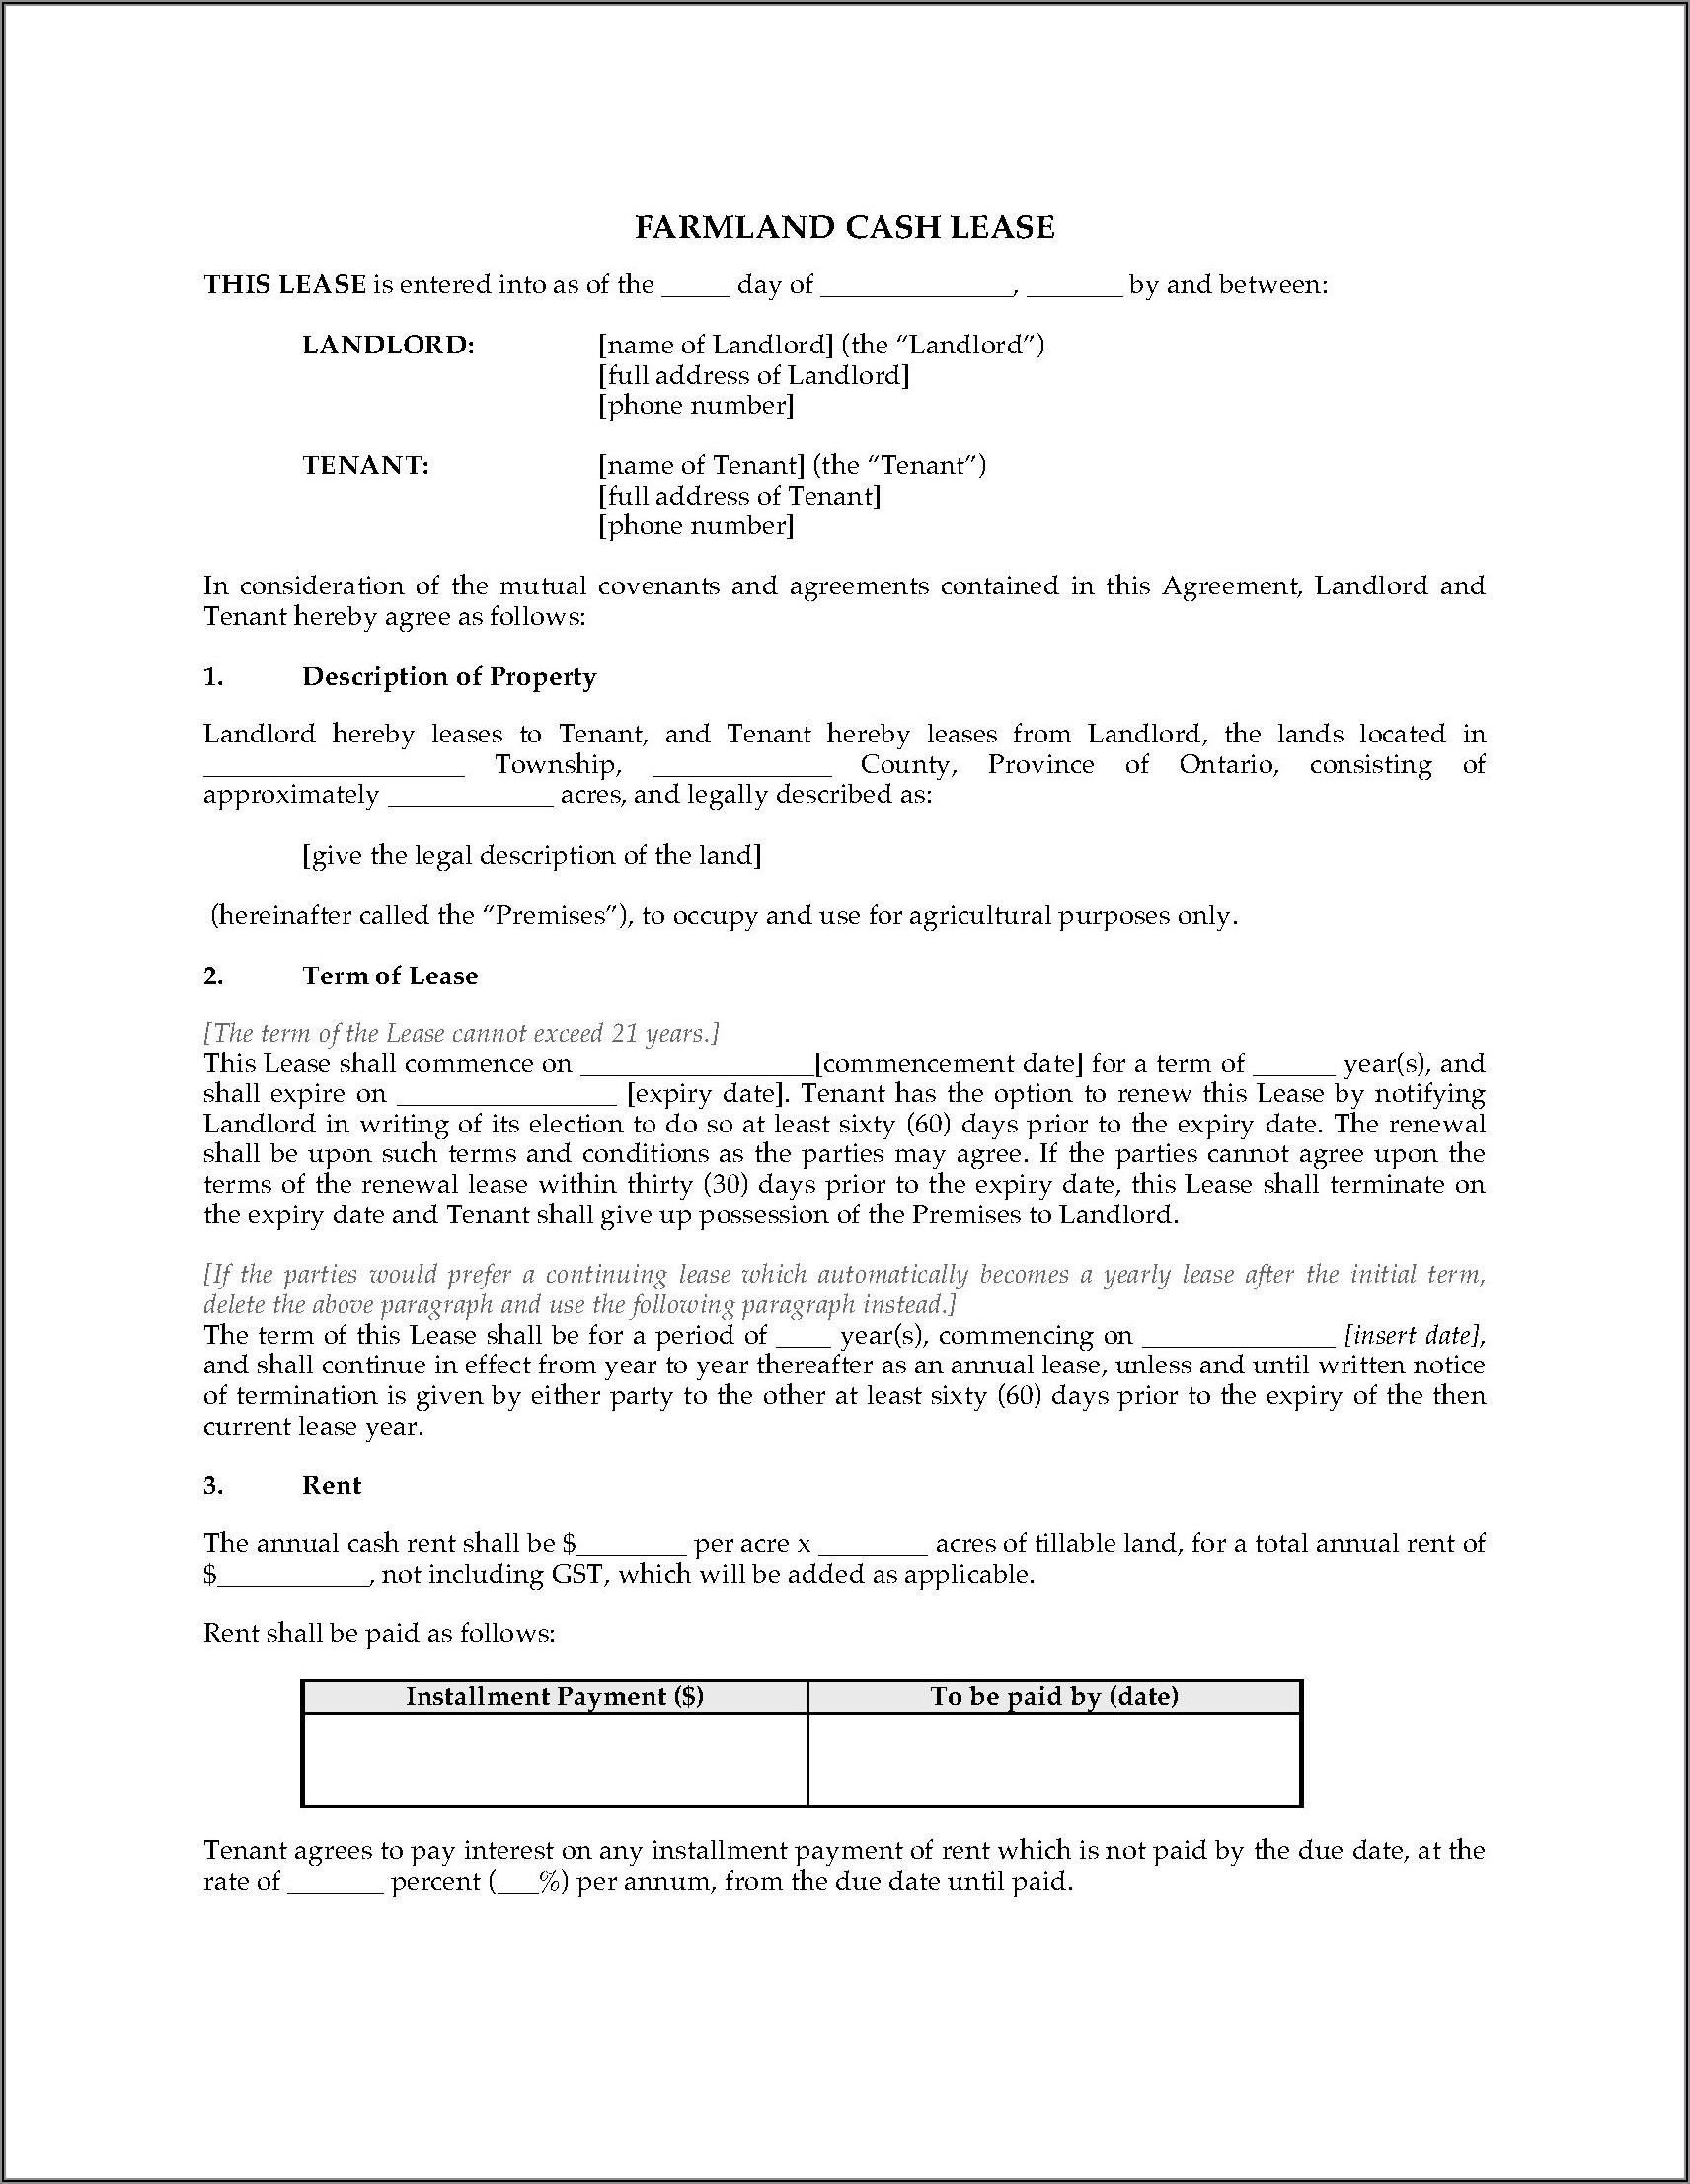 Ontario Farmland Rental Agreement Form